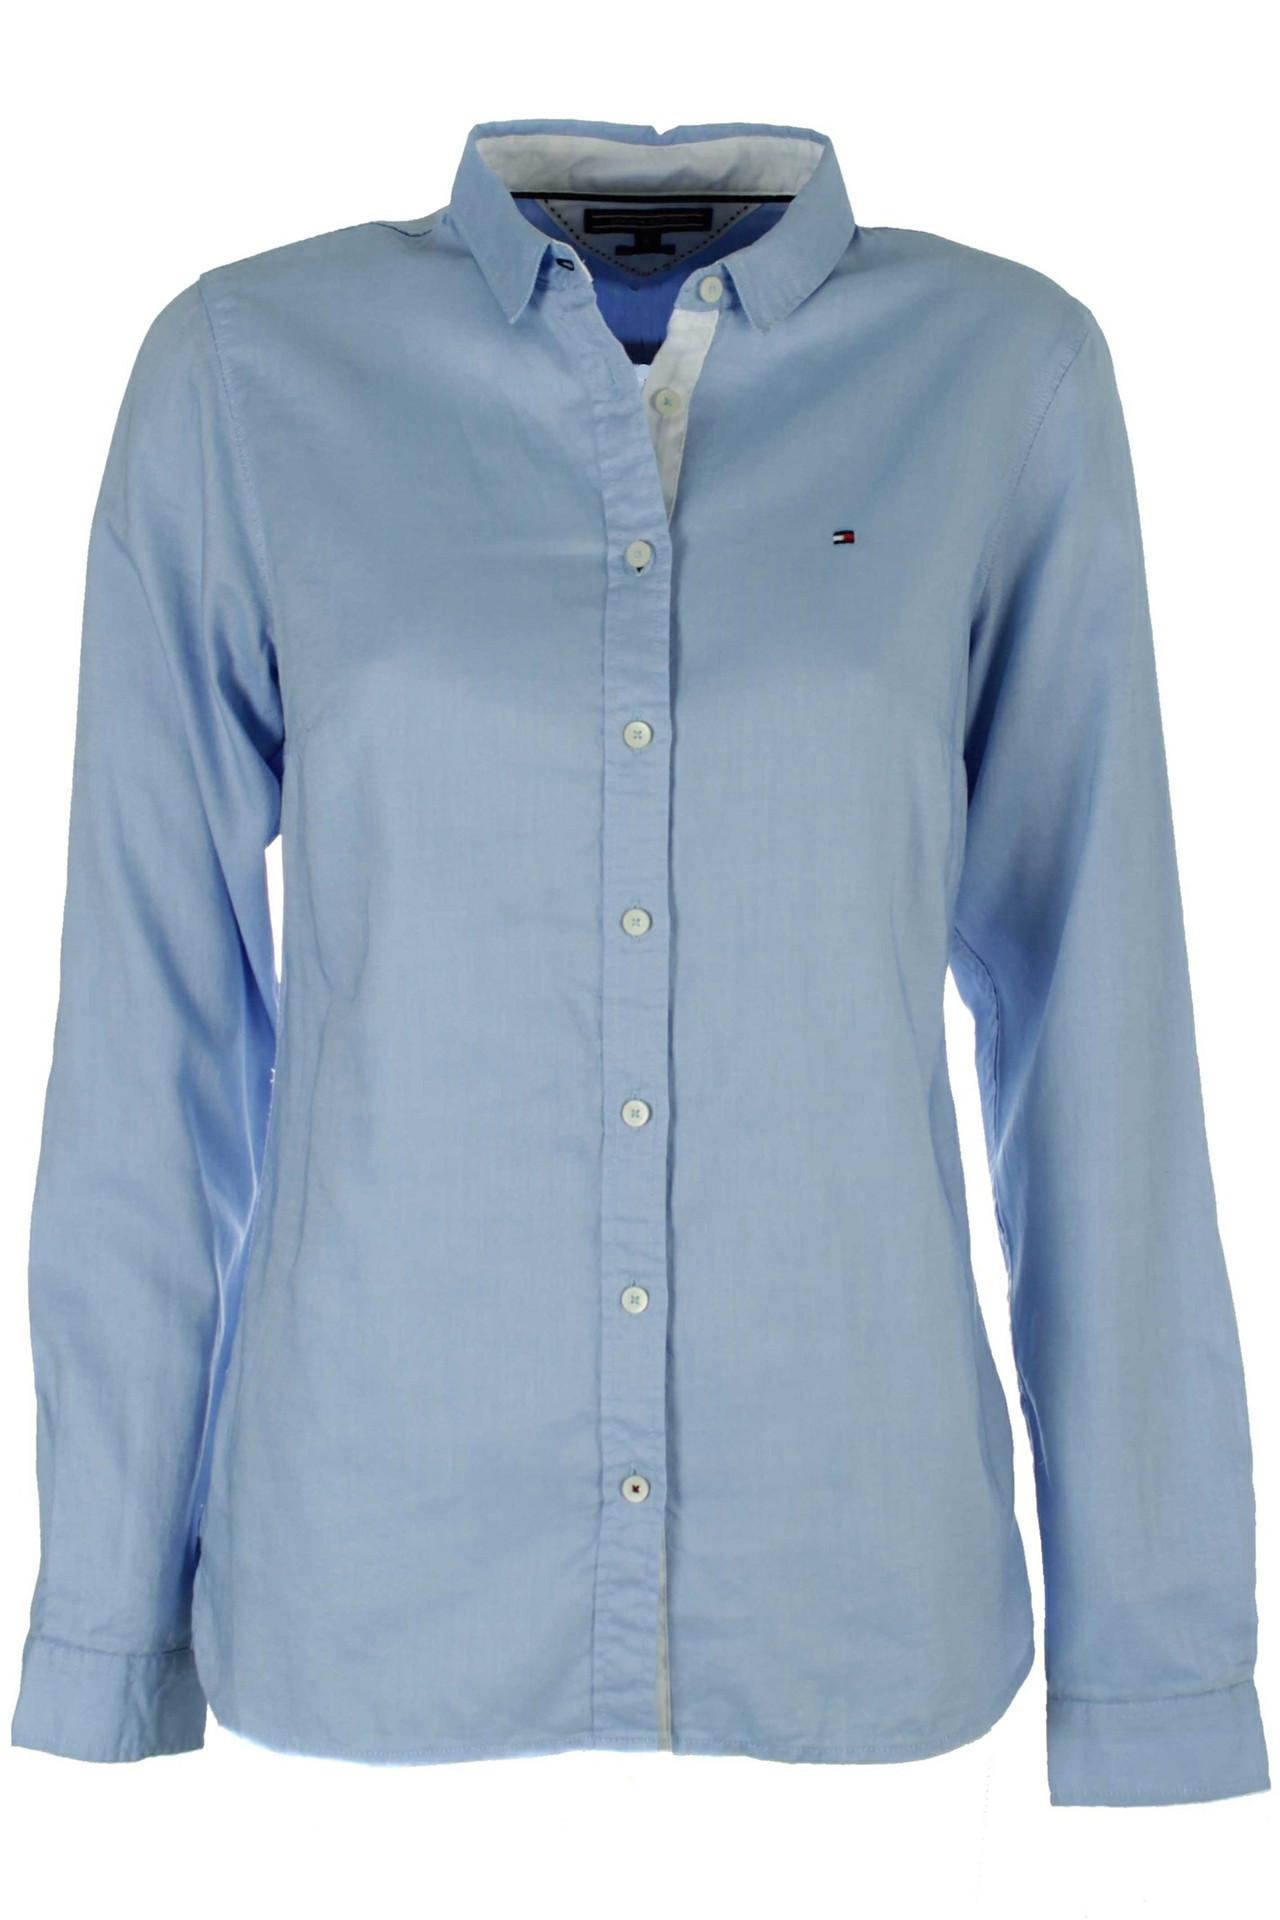 e55bec85c77 JENNA SHIRT LS W2 LYSEBLÅ skjorte fra Tommy Hilfiger - Køb skjorte ...